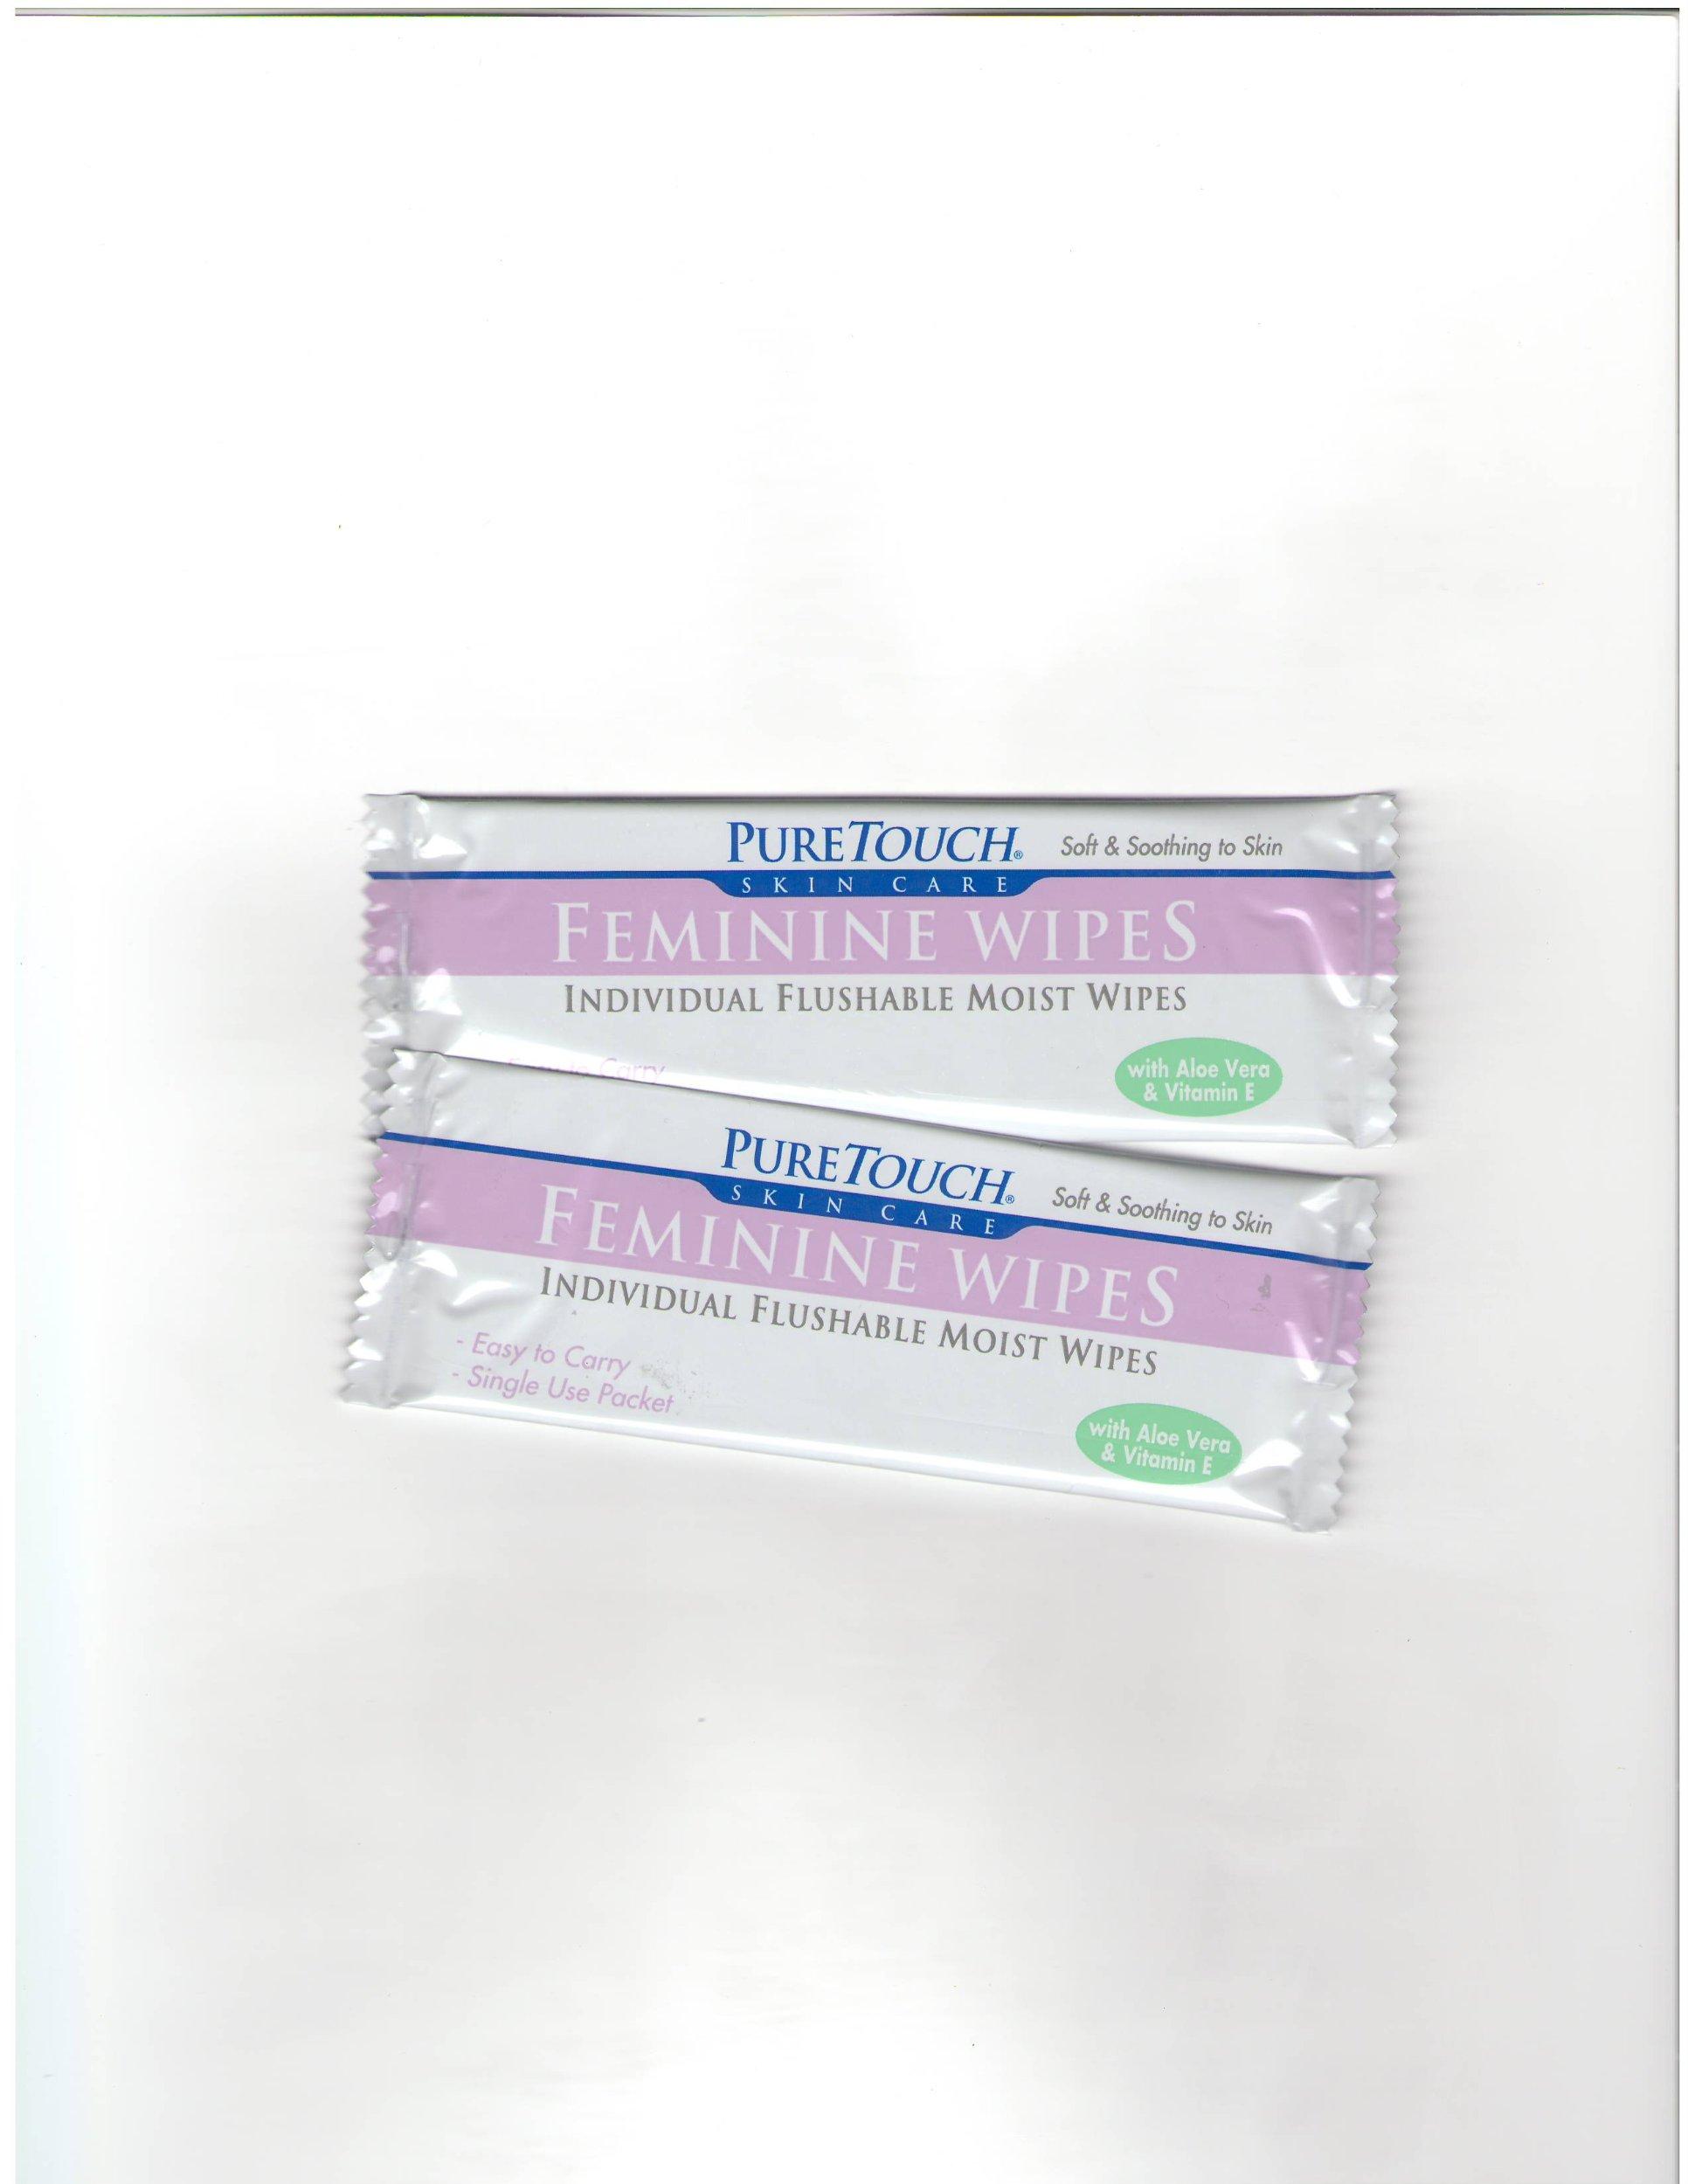 PureTouch Feminine Wipes Individual Flushable Moist Wipes BULK 350 Single-Use-Packets